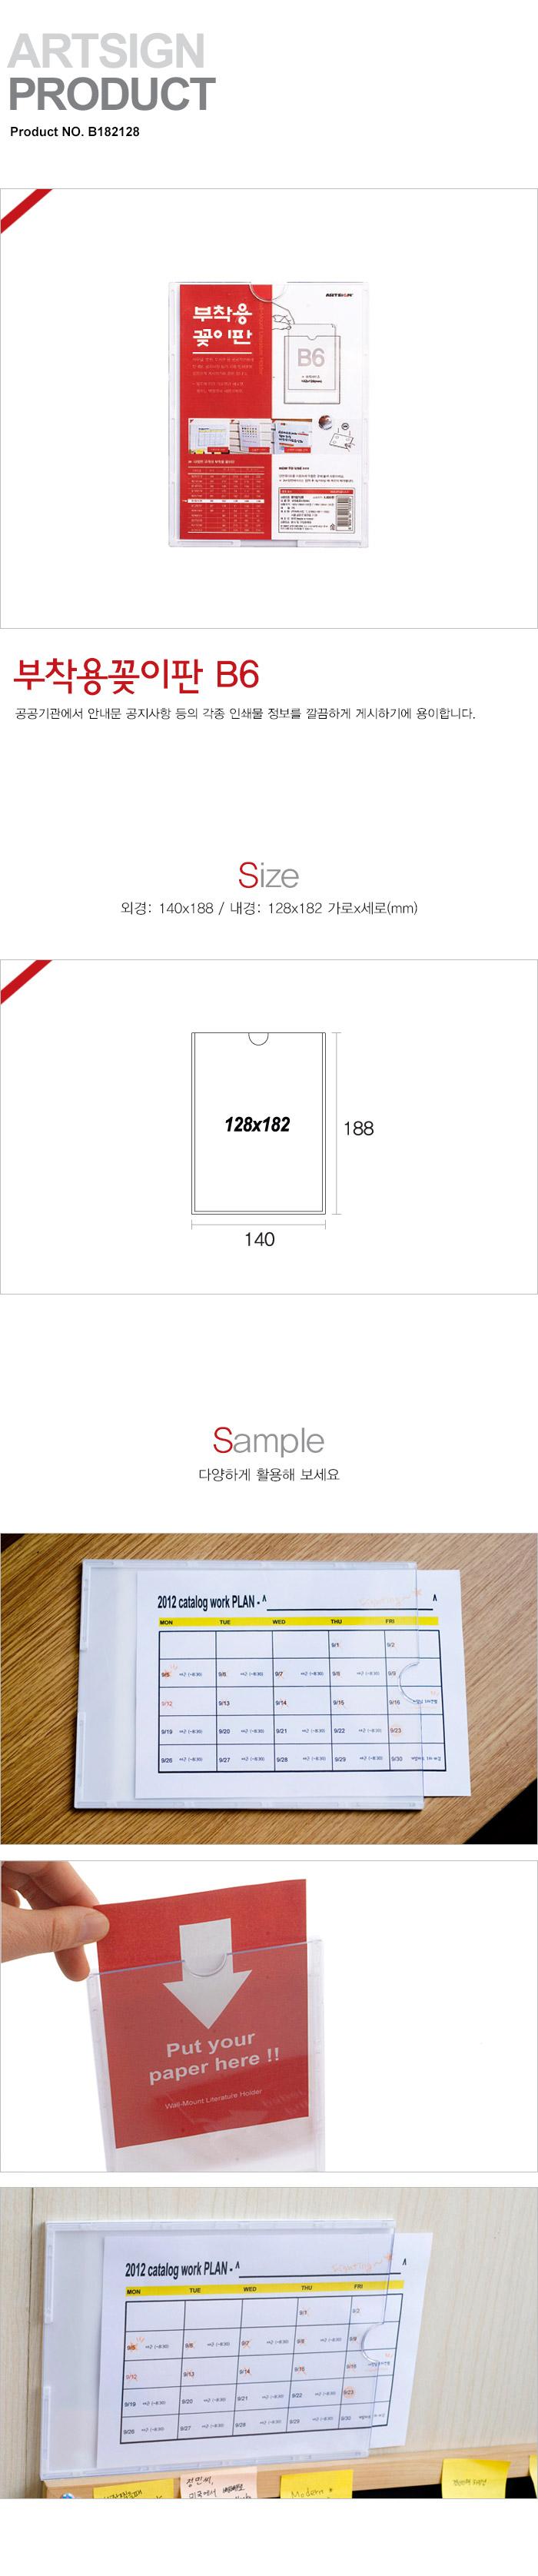 아트사인 부착용꽂이판 (B6) 128x182mm B182128 - 아트사인, 4,800원, 데스크정리, 명함/메모 홀더